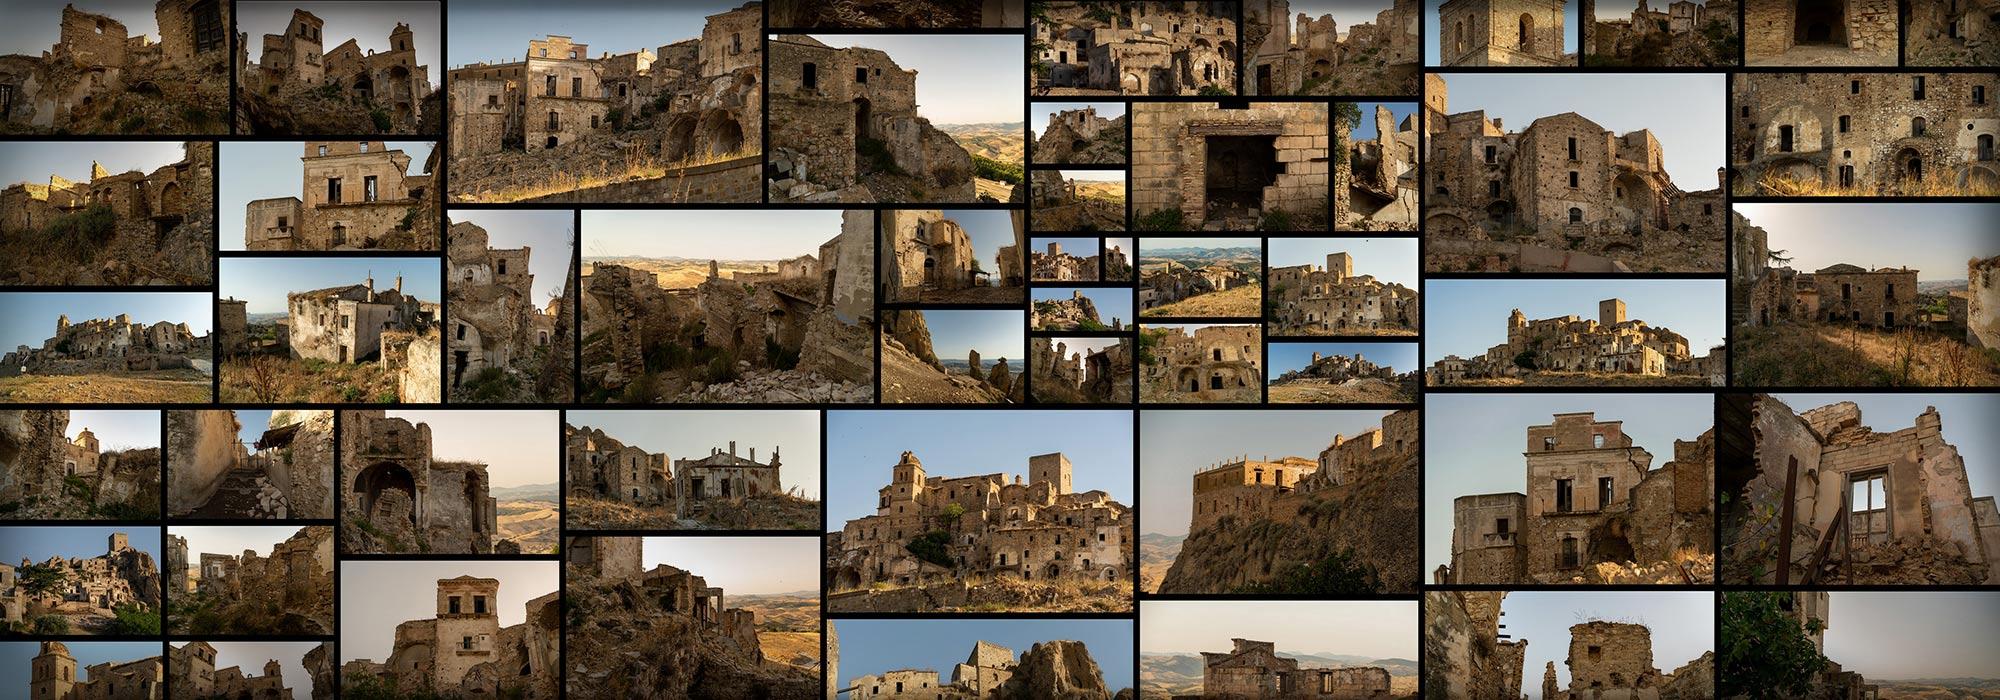 Sandstone Ruins Abandoned Medieval Village